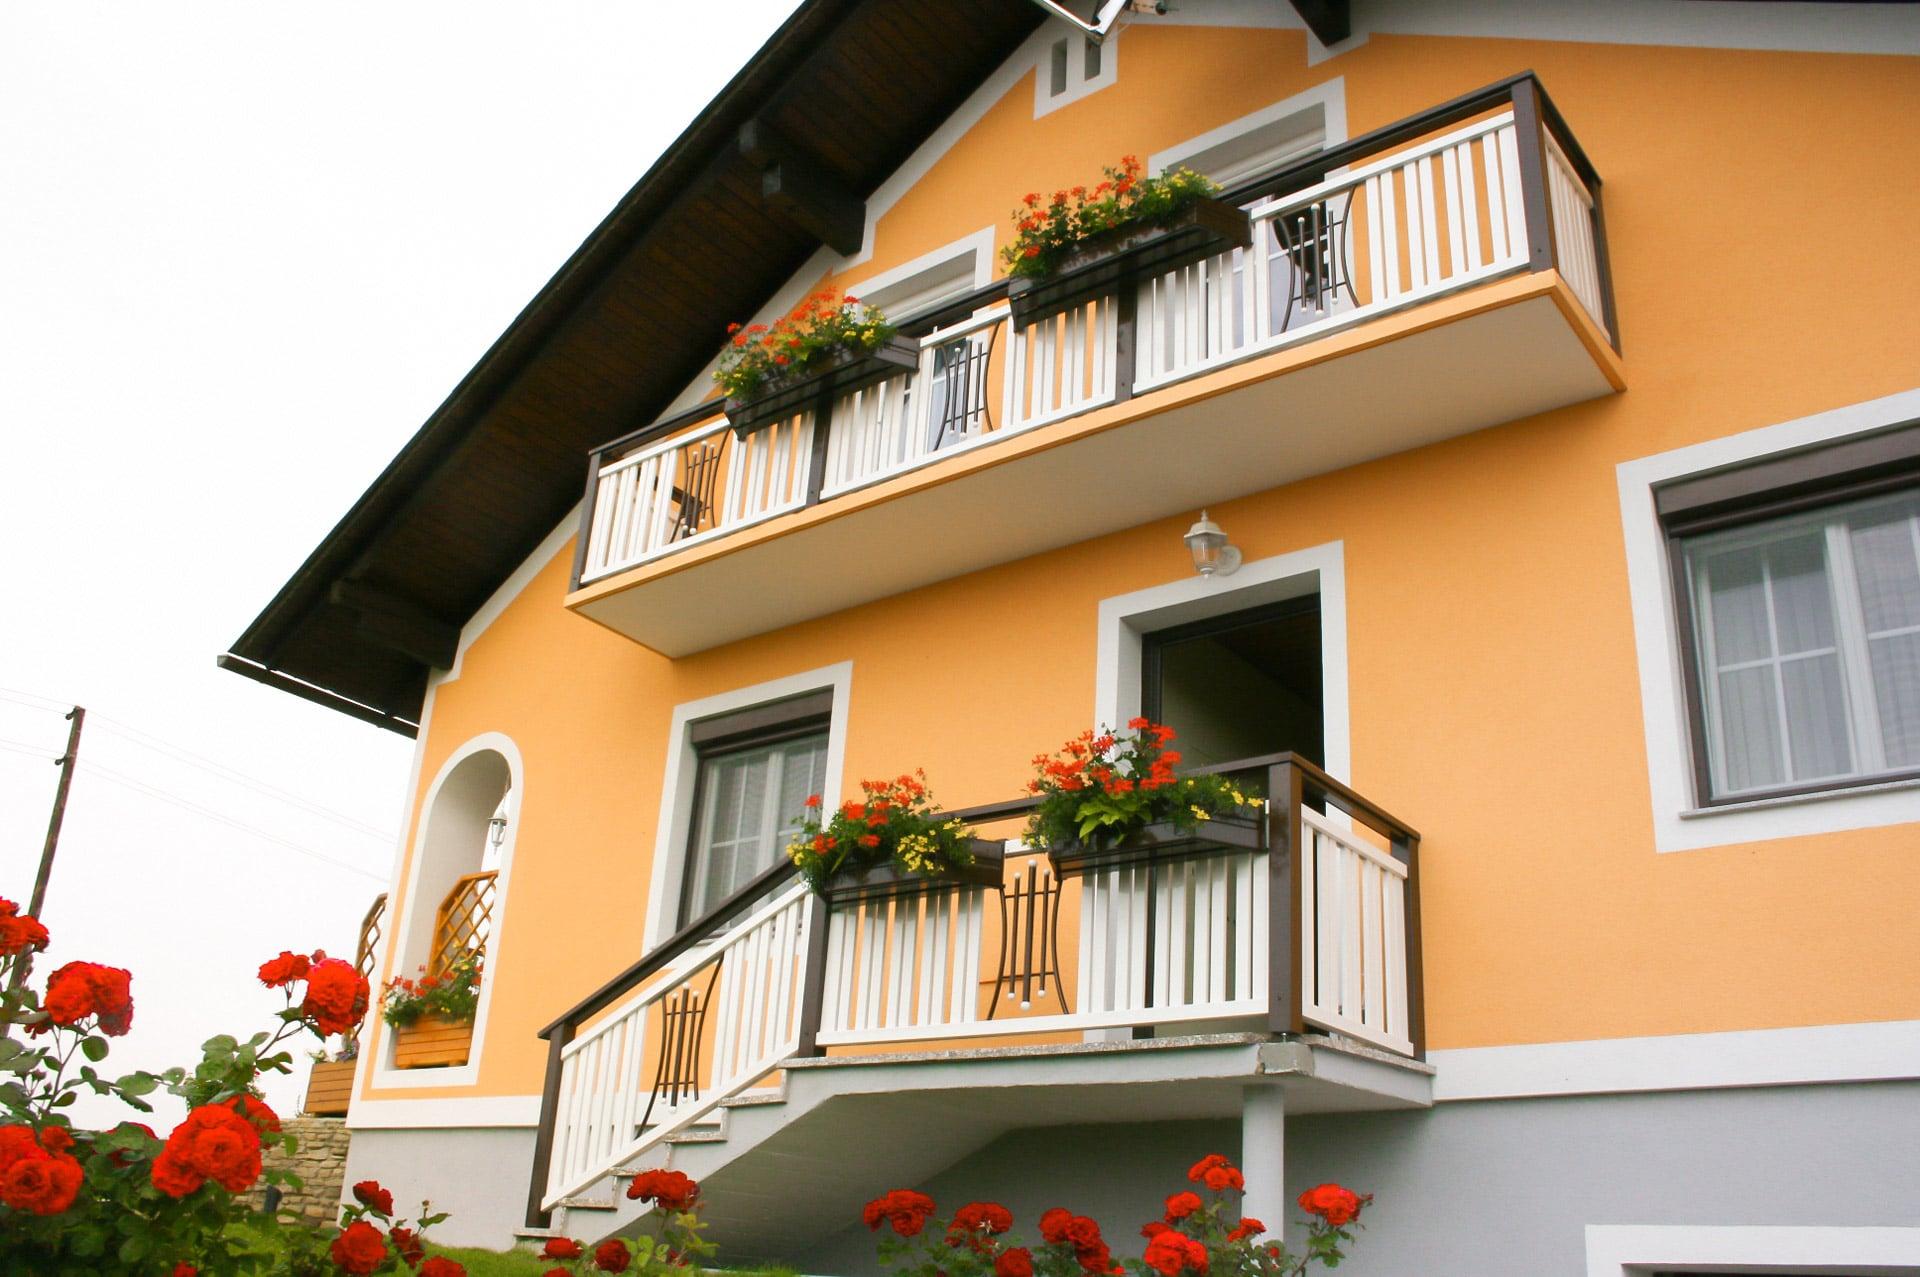 Kufstein 02 a | Alu Absturzssicherung bei Balkon und Eingangsstiege weiß braun beschichtet | Svoboda